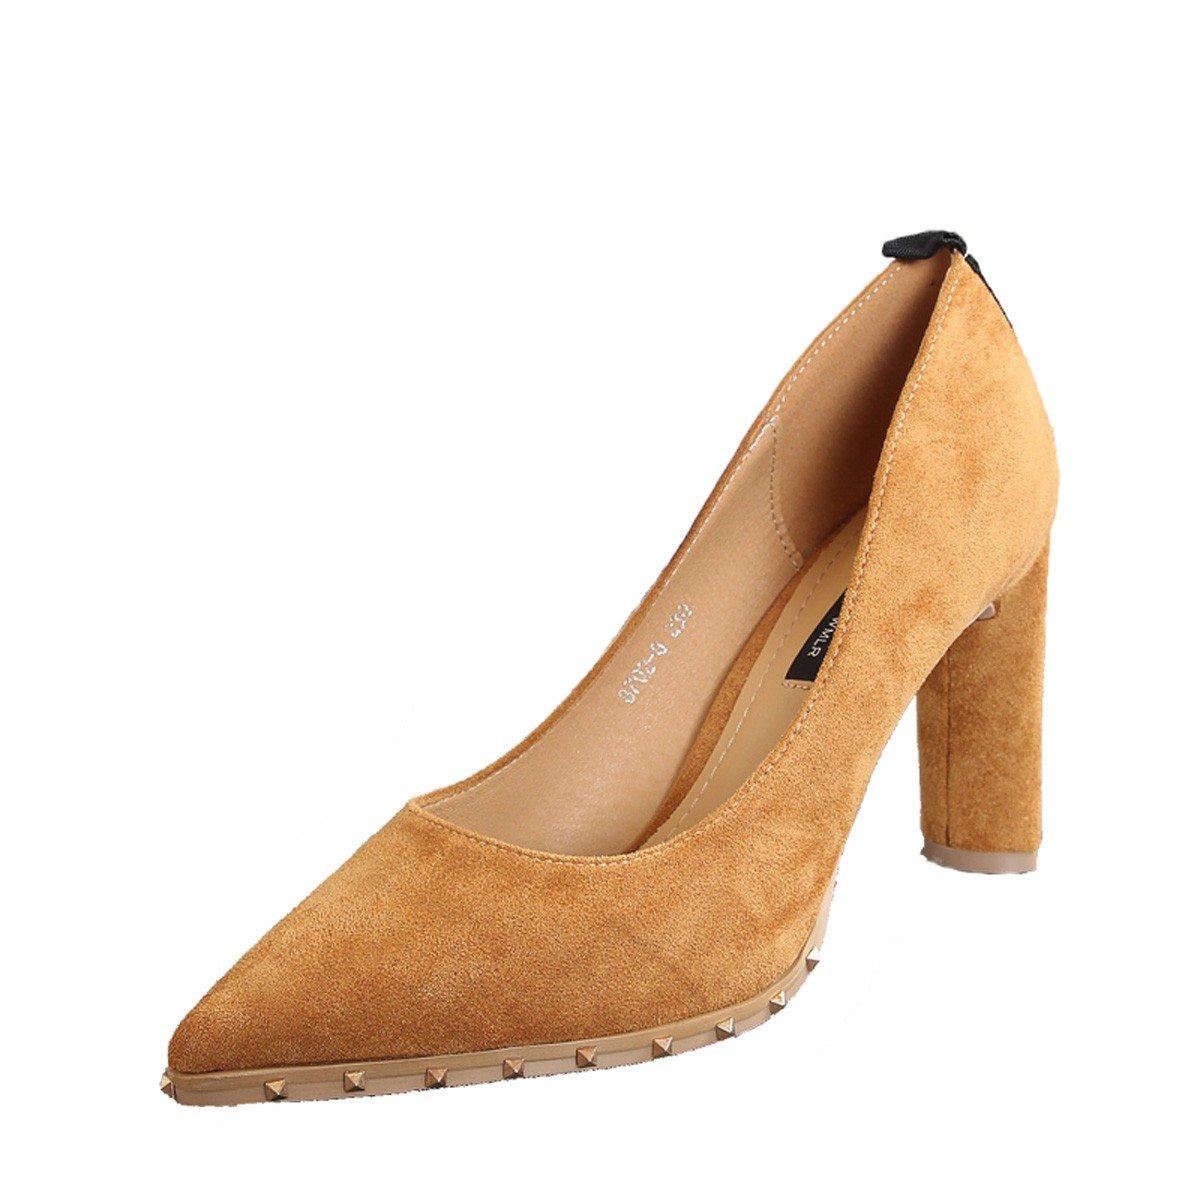 GTVERNH Damenschuhe Mode Bereits Bei Damenschuhen Damenschuhen Bei Frühling Wild 9Cm Hochhackigen Schuhe Die Nieten. a6b4a0